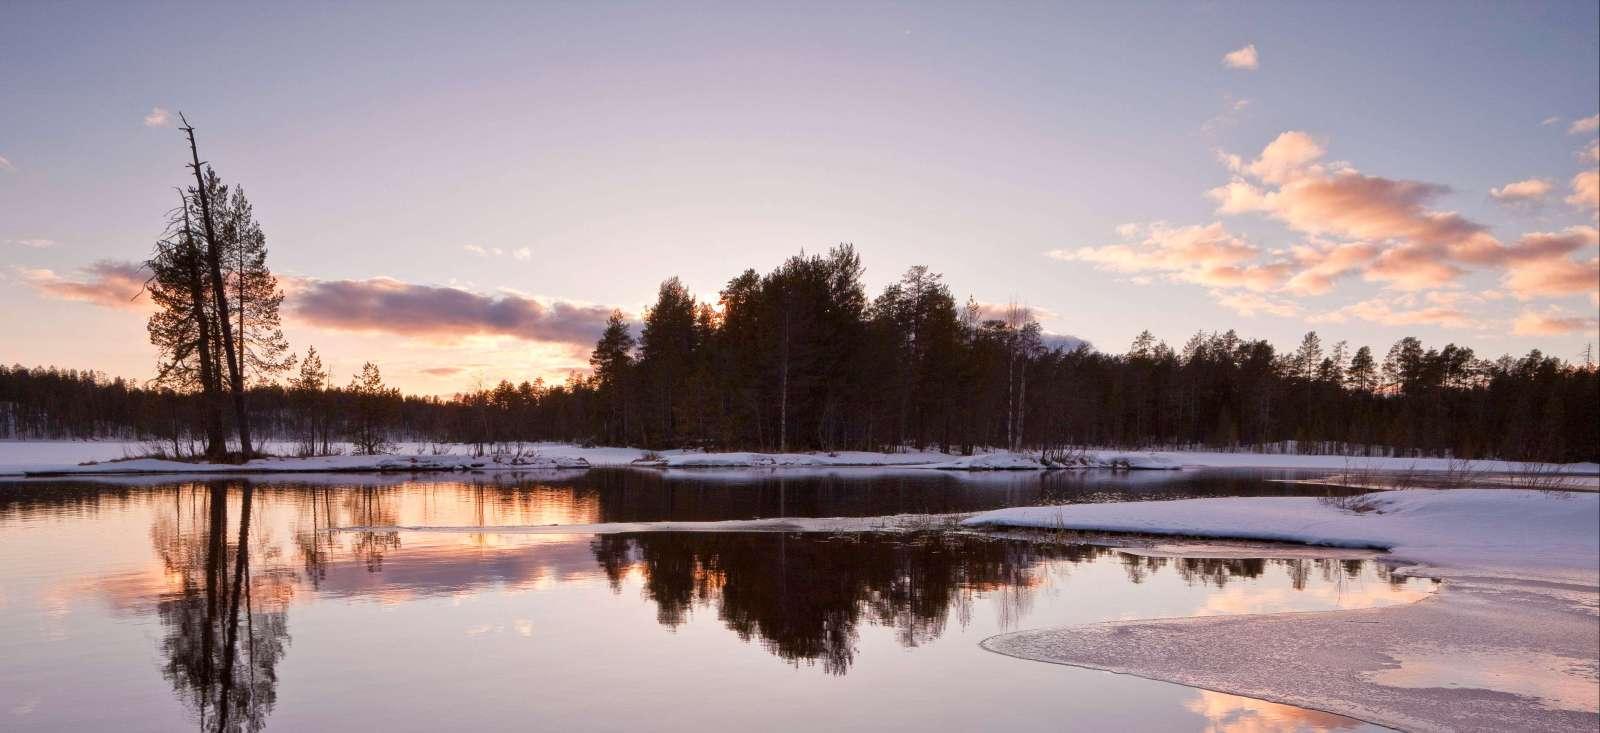 Voyage à thème : Escapade féerique à la finlandaise!